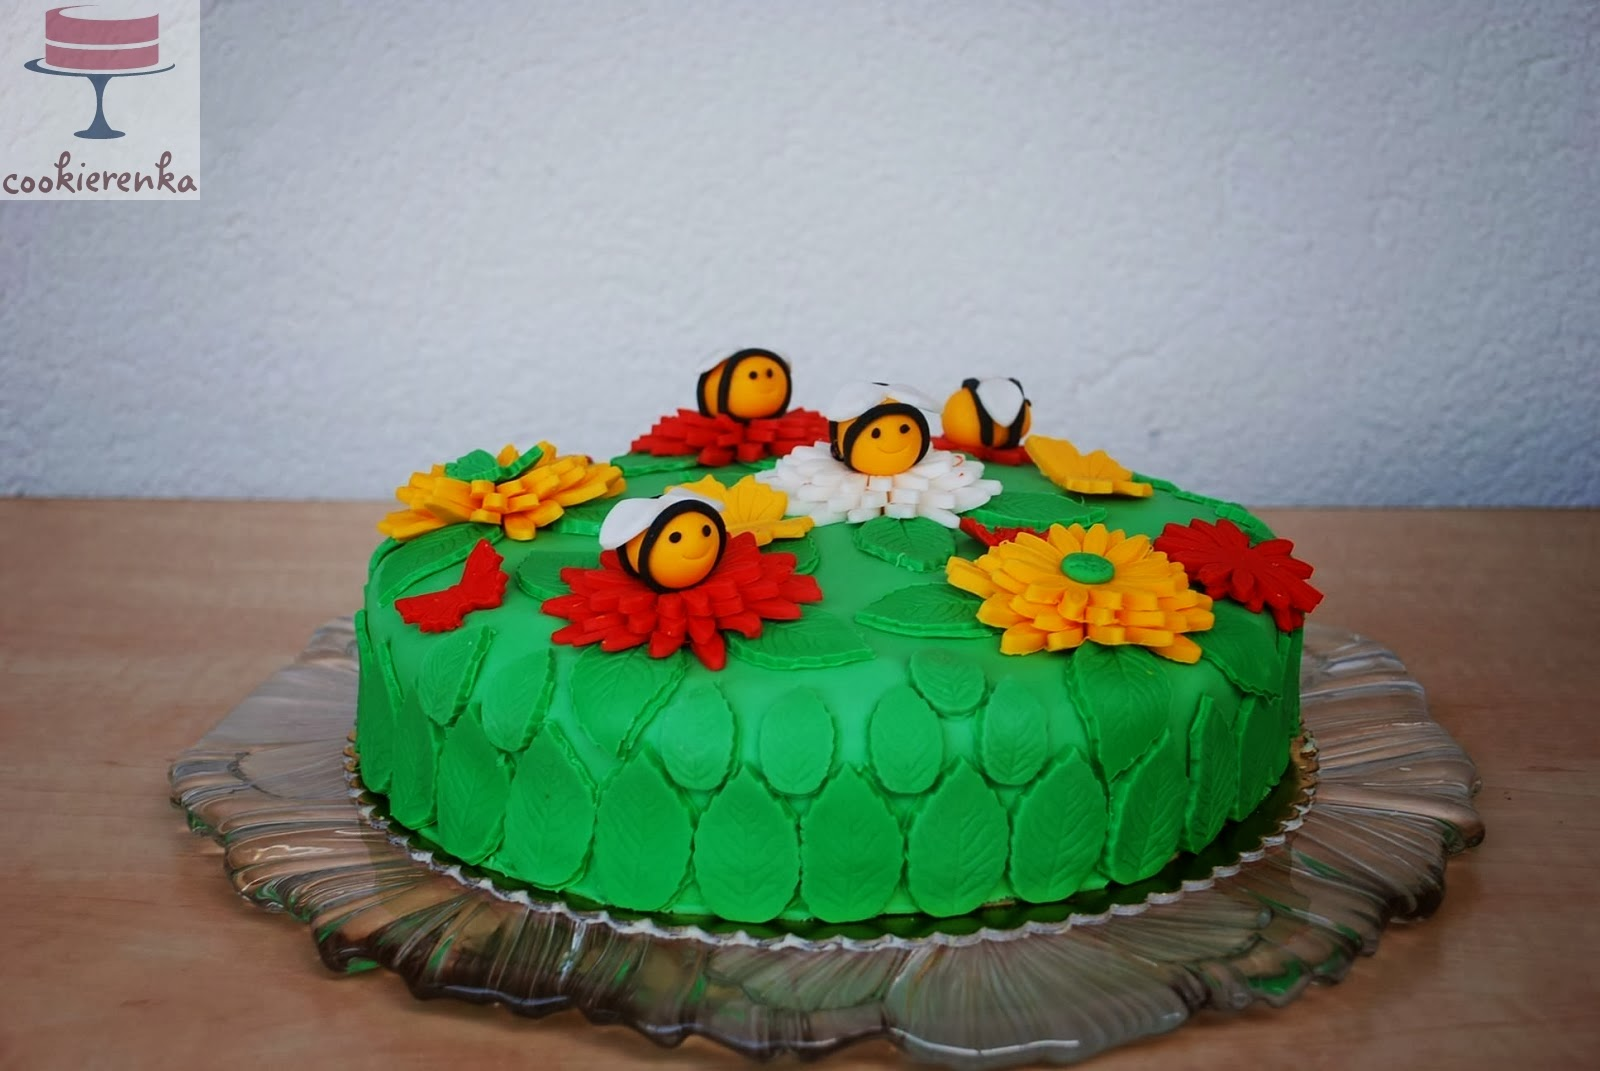 http://www.cookierenka.com/2013/10/kolorowa-aka-tort-chawowy-w-stylu.html